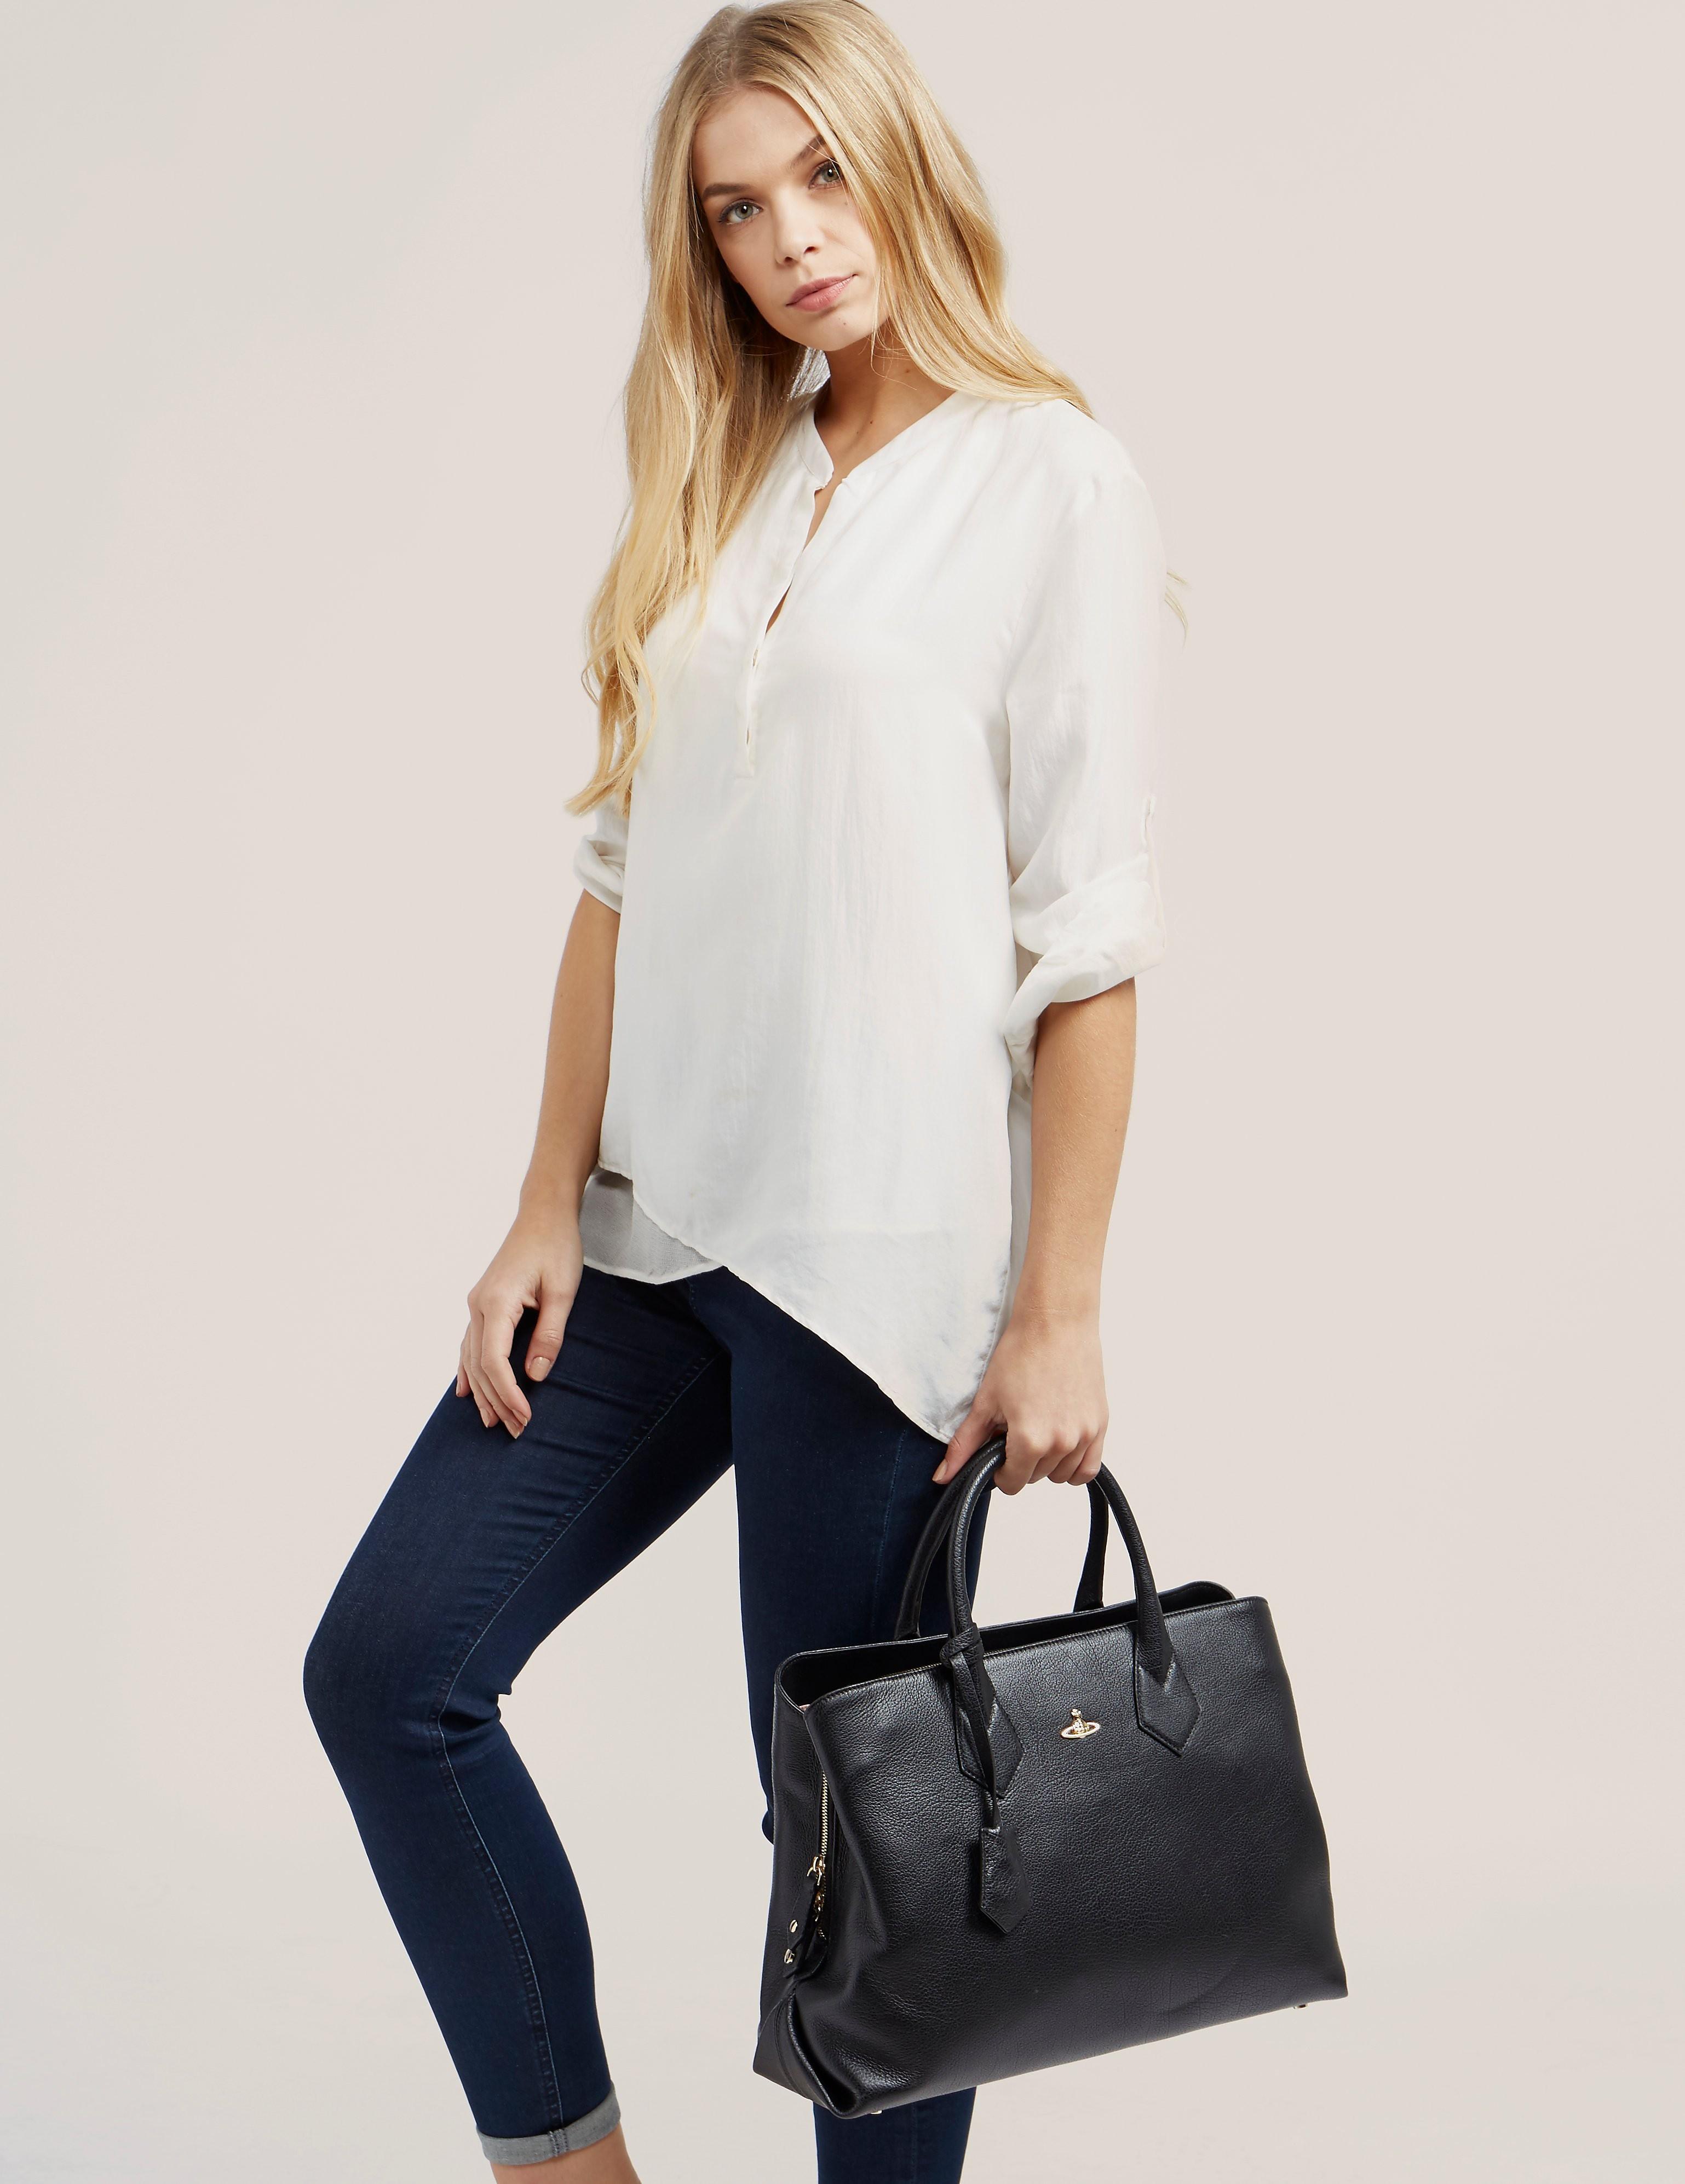 Vivienne Westwood Balmoral Shopper Bag